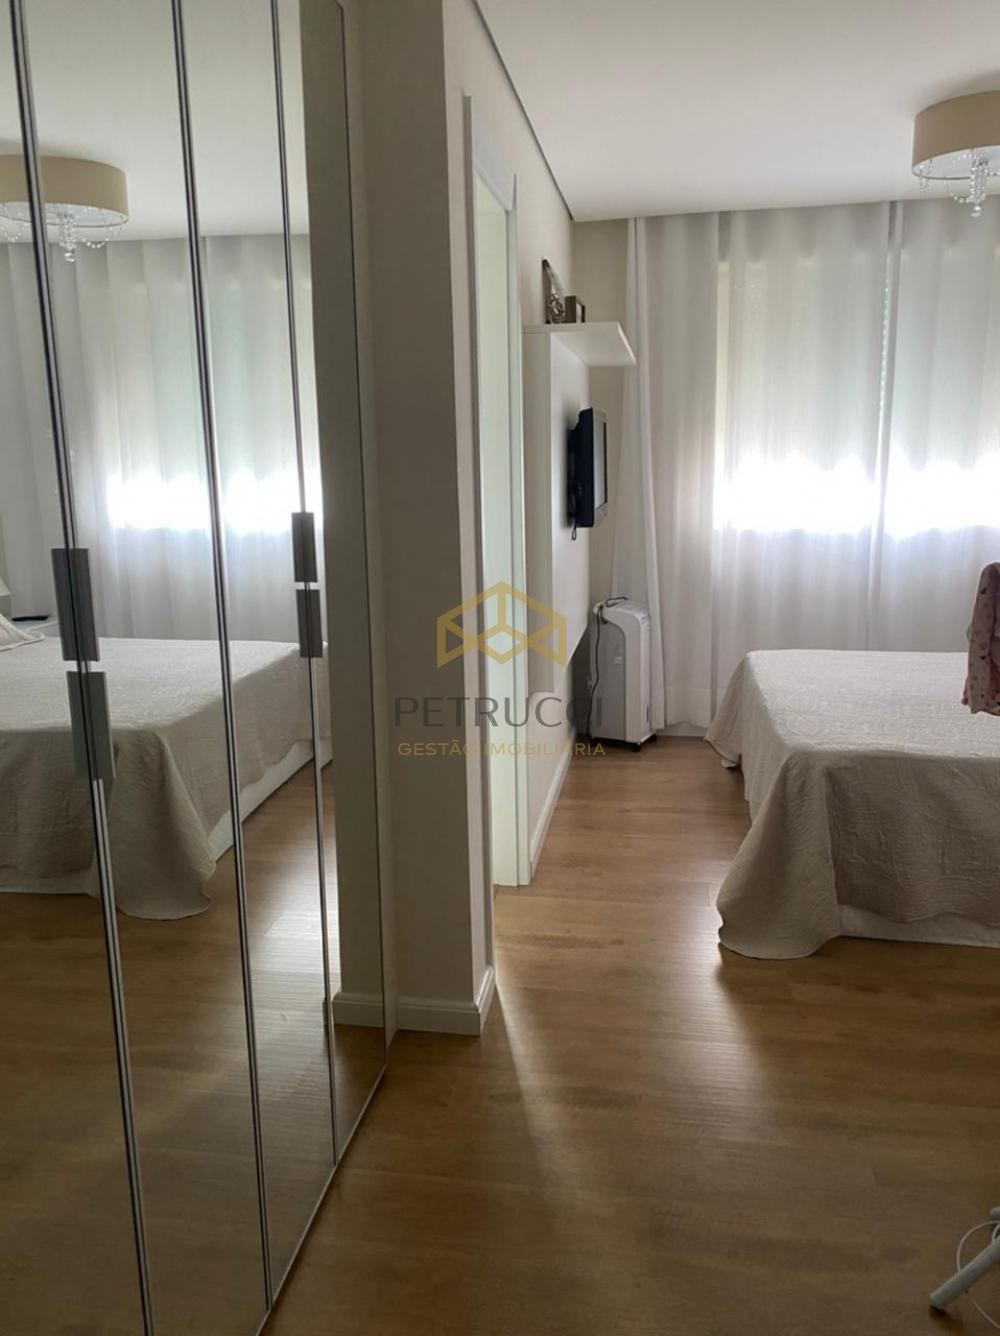 Comprar Apartamento / Padrão em Campinas R$ 1.060.000,00 - Foto 11